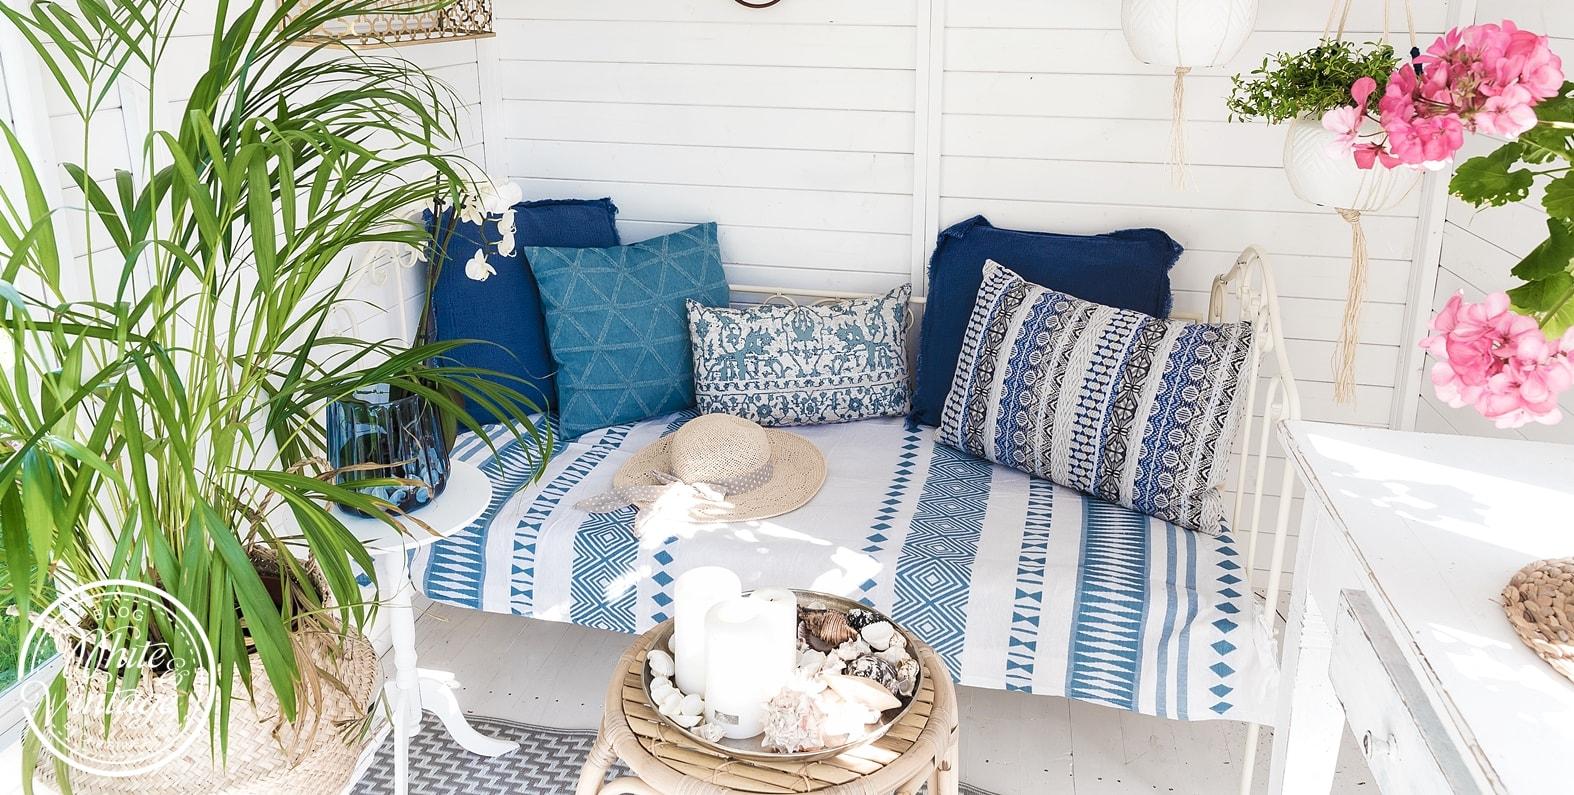 Sommerlich dekorieren in Blau - Weiß